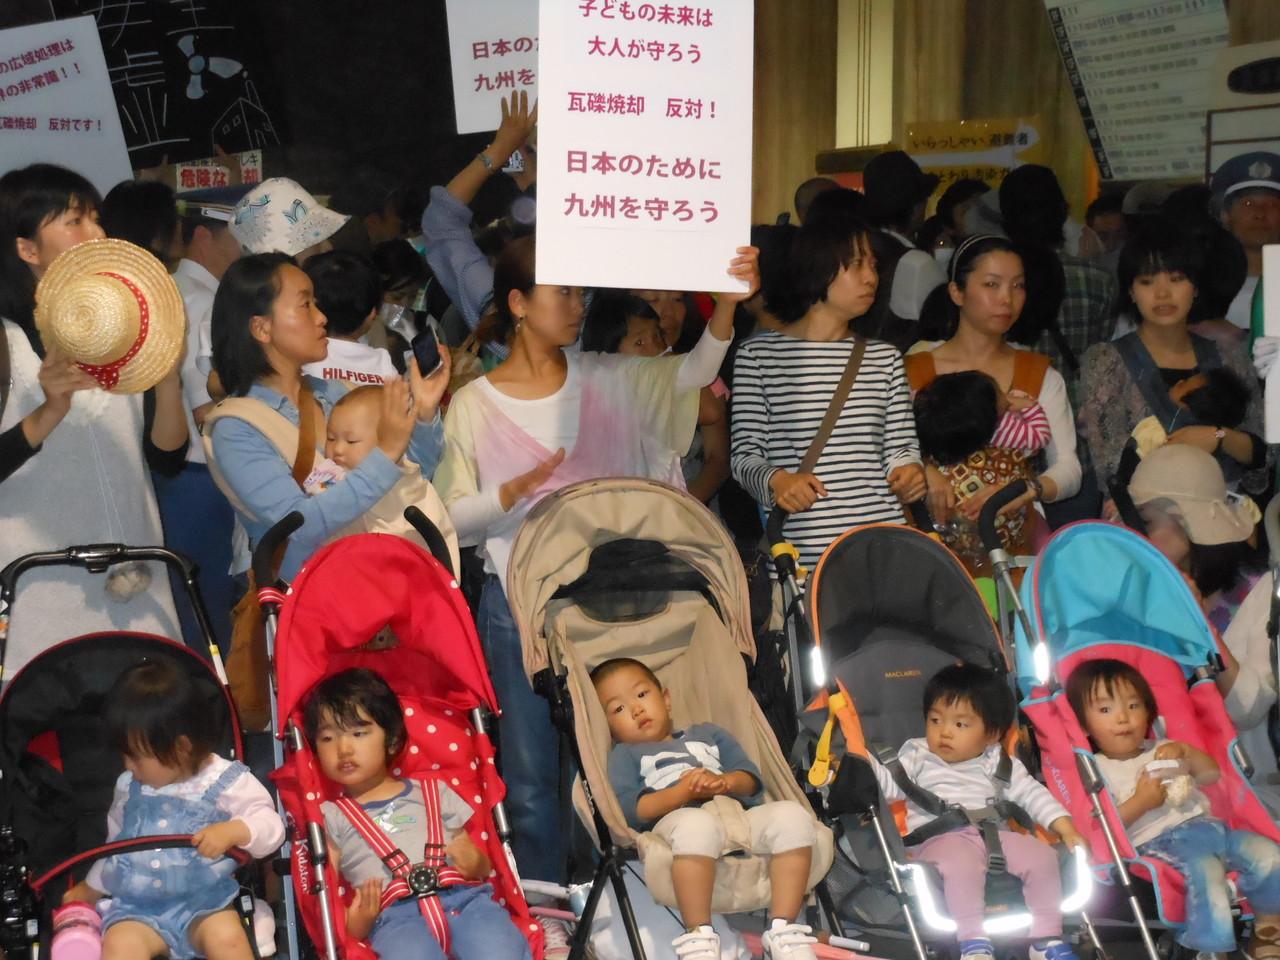 2012.5.21 震災がれき、北九州市役所行動